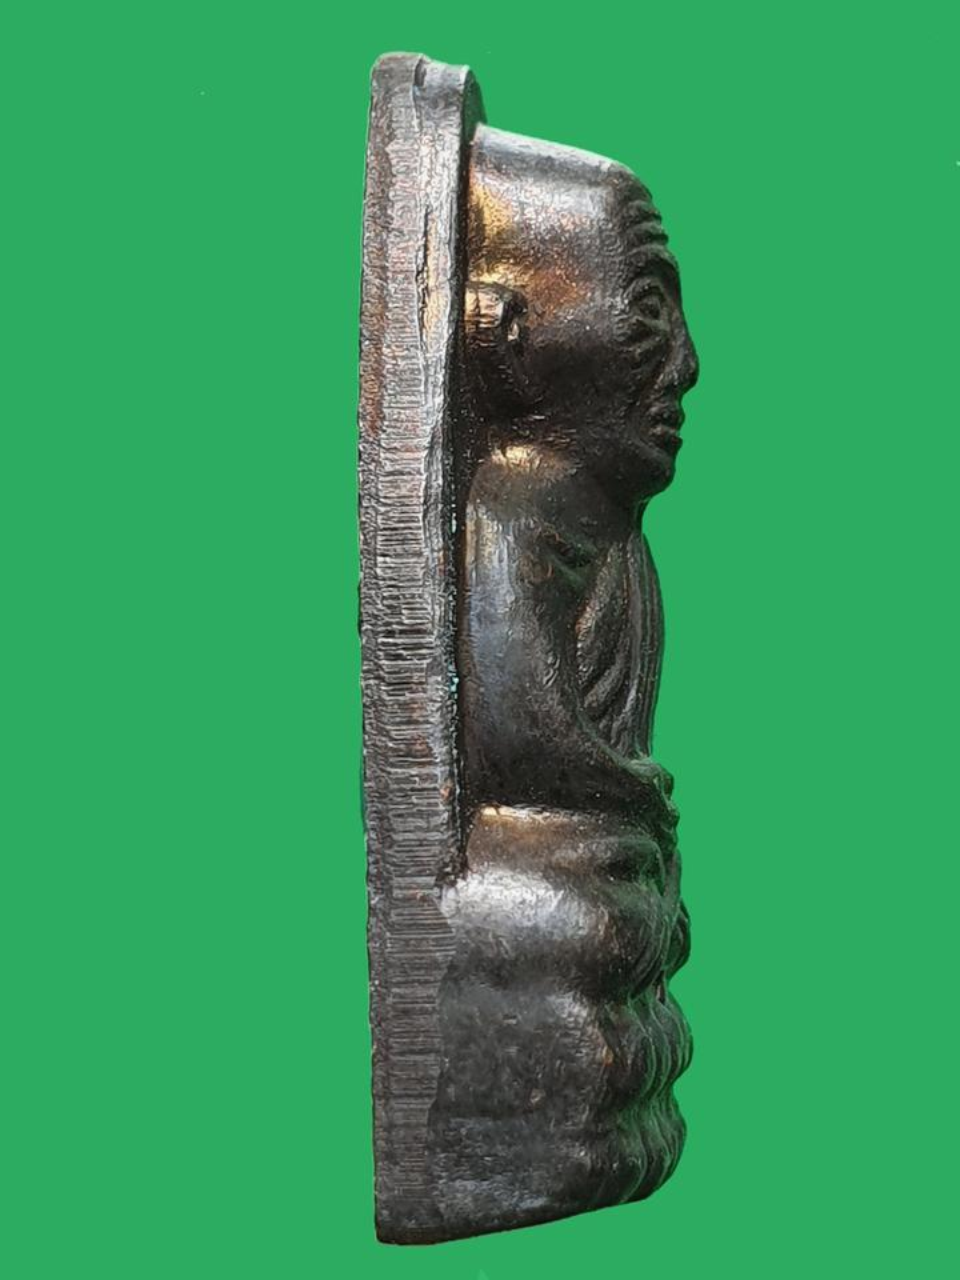 พระหลวงปู่ทวด เตารีดหลังหนัง พิมพ์เล็ก ท. วัดช้างให้ ปี 2506 รูปที่ 3